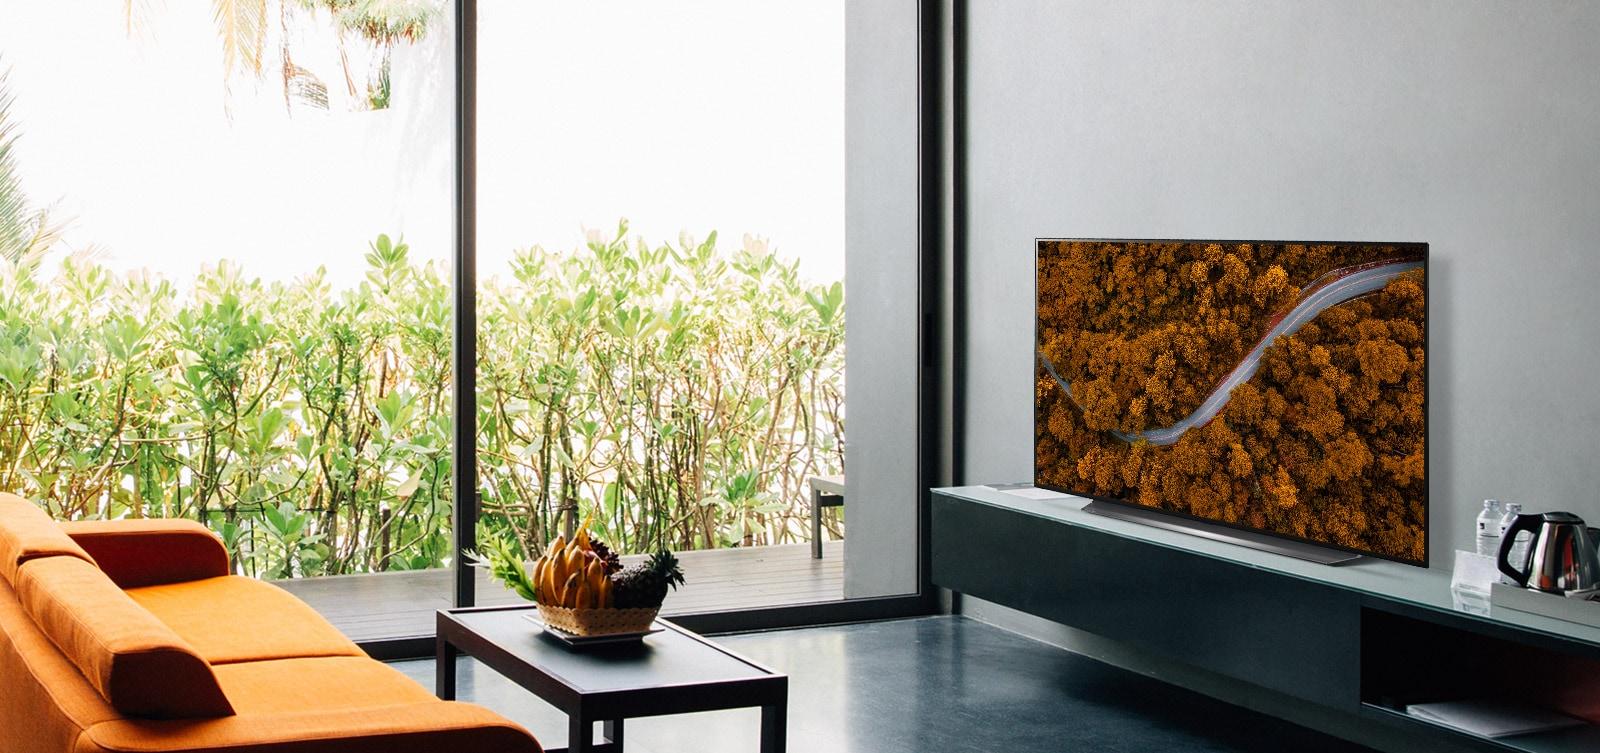 Nappali kanapéval, a TV-ben egy légi felvétel látható a természetről